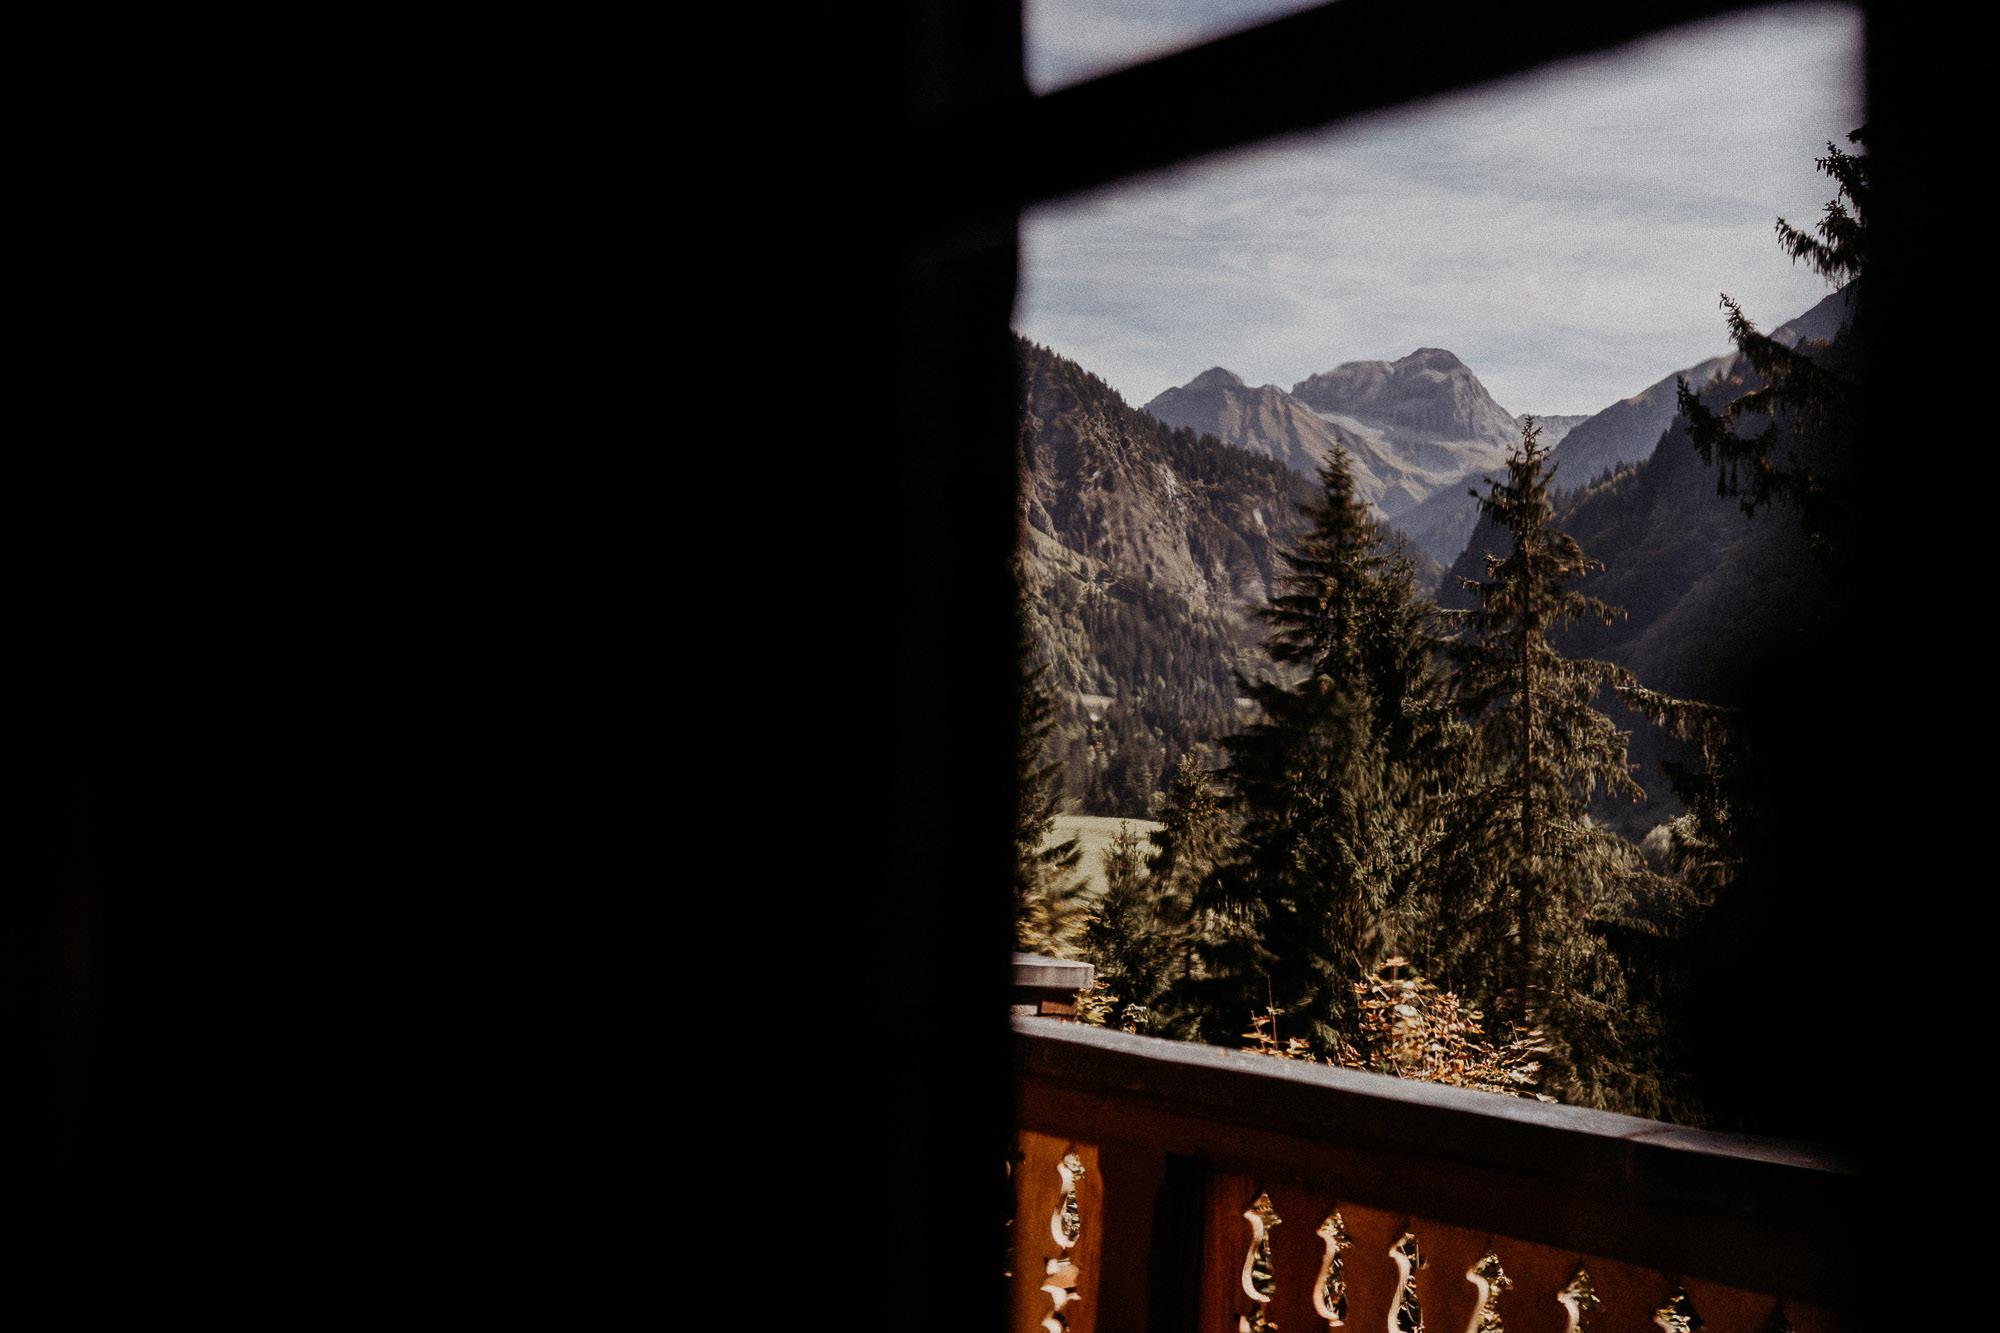 hochzeitsfotograf vorarlberg villa maund mountains view